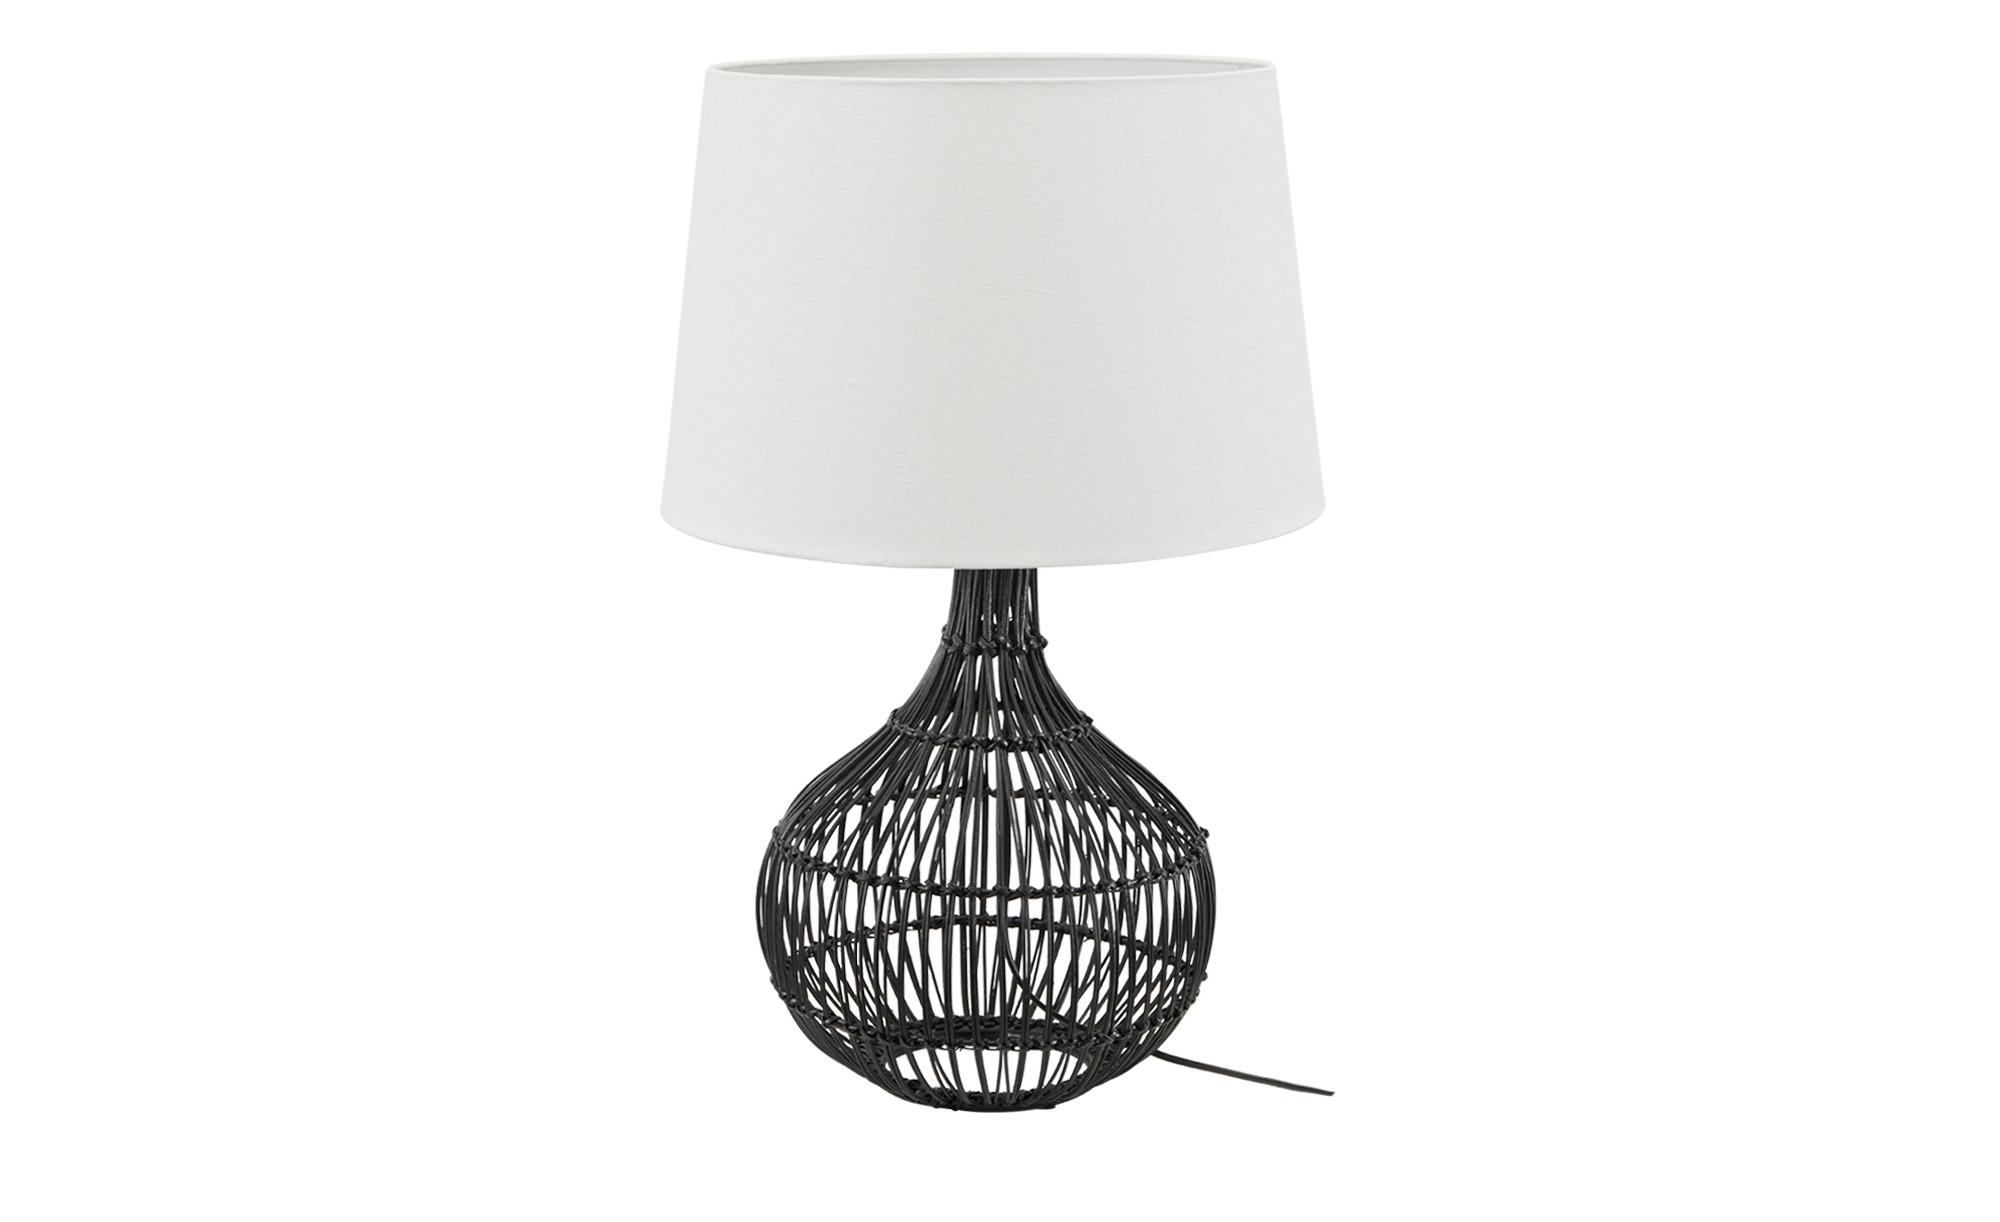 KHG Tischleuchte, 1-flammig, Rattan-schwarz ¦ schwarz ¦ Maße (cm): H: 60 Ø: 38 Lampen & Leuchten > Innenleuchten > Tischlampen - Höffner